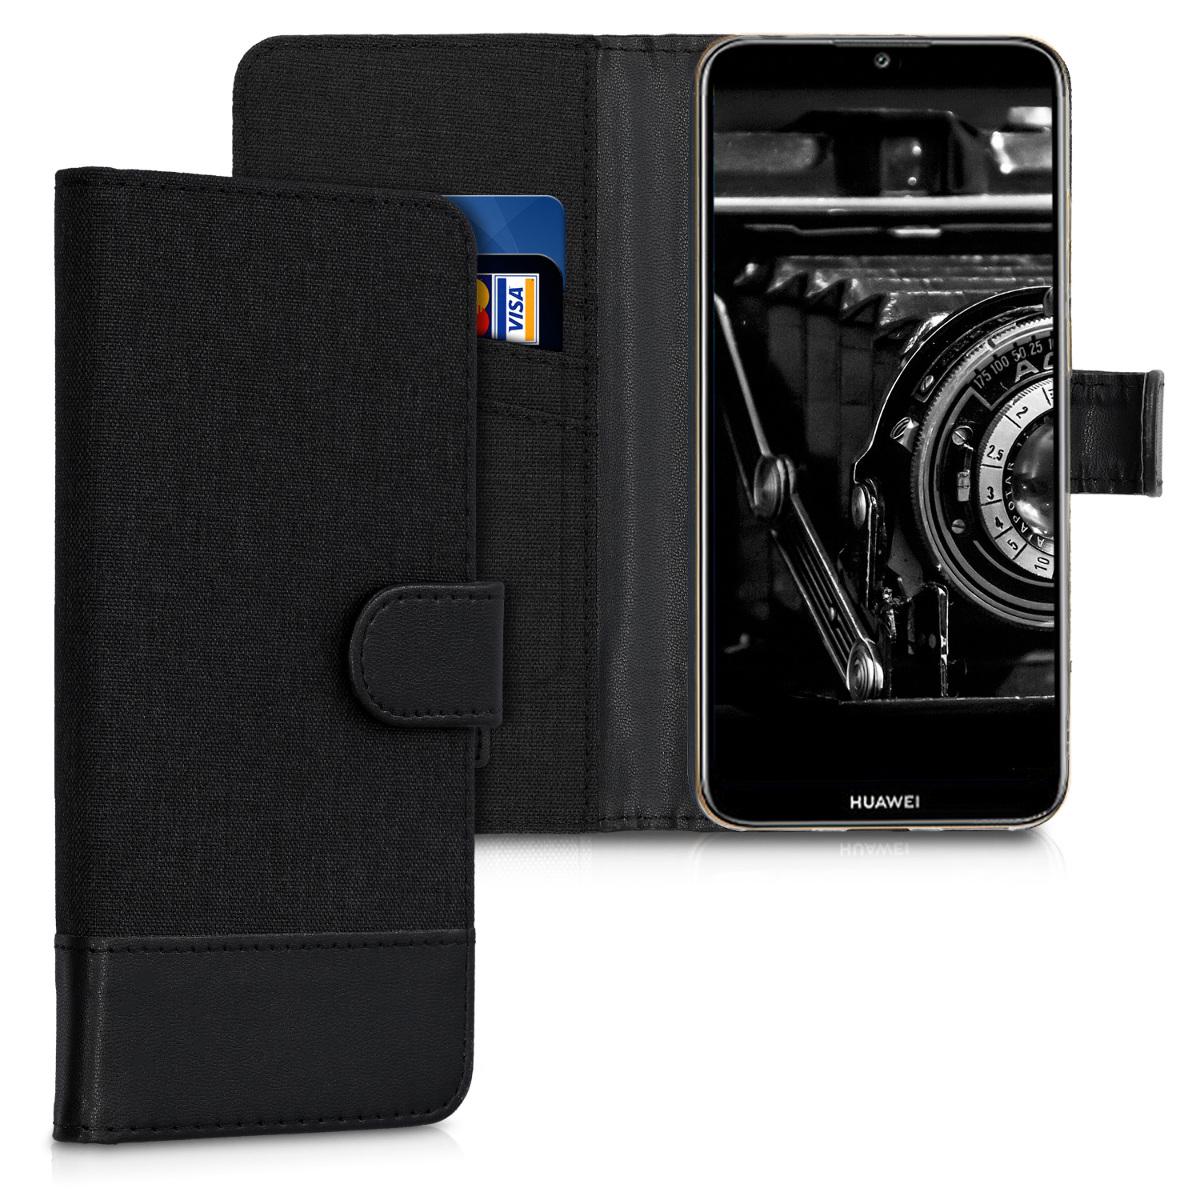 KW Θήκη - Πορτοφόλι Huawei Y6 2019 - Anthracite / Black (48126.04)